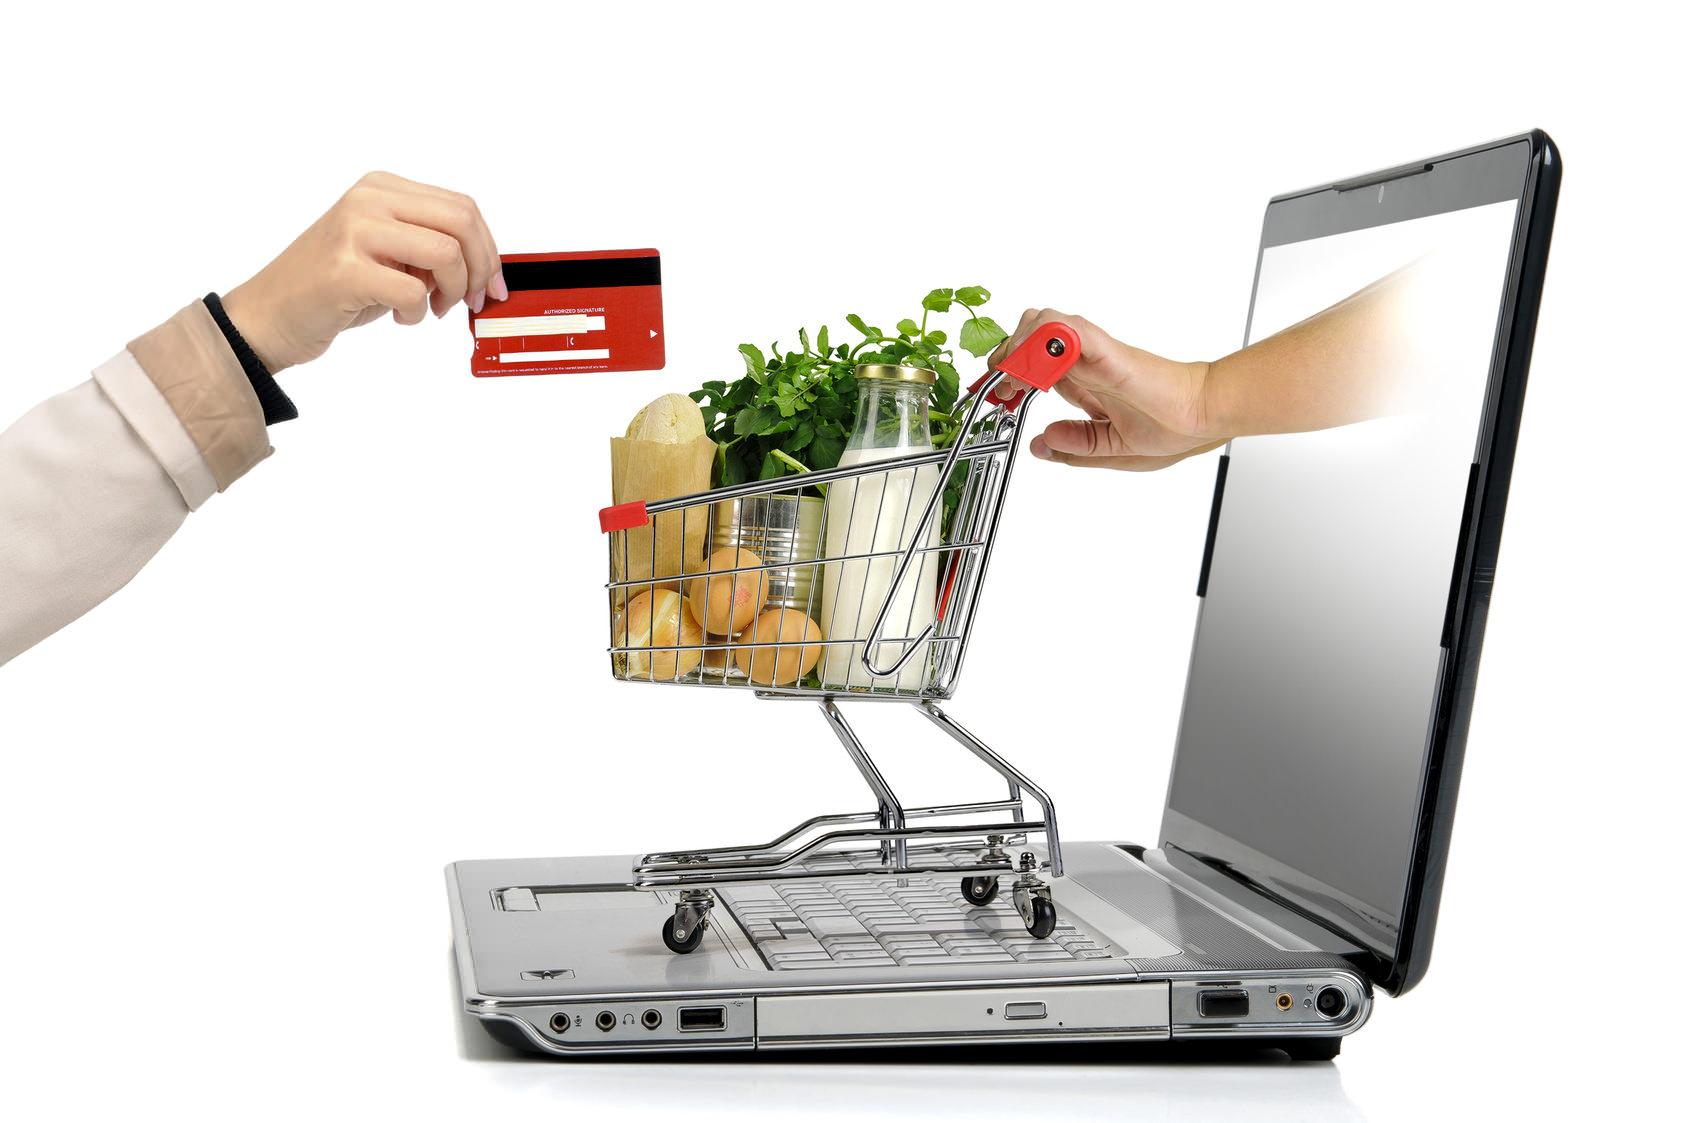 081d355f75db1 Таким образом, Интернет–магазины способствуют активному развитию  современной экономики и развитию рынка курьерских услуг.